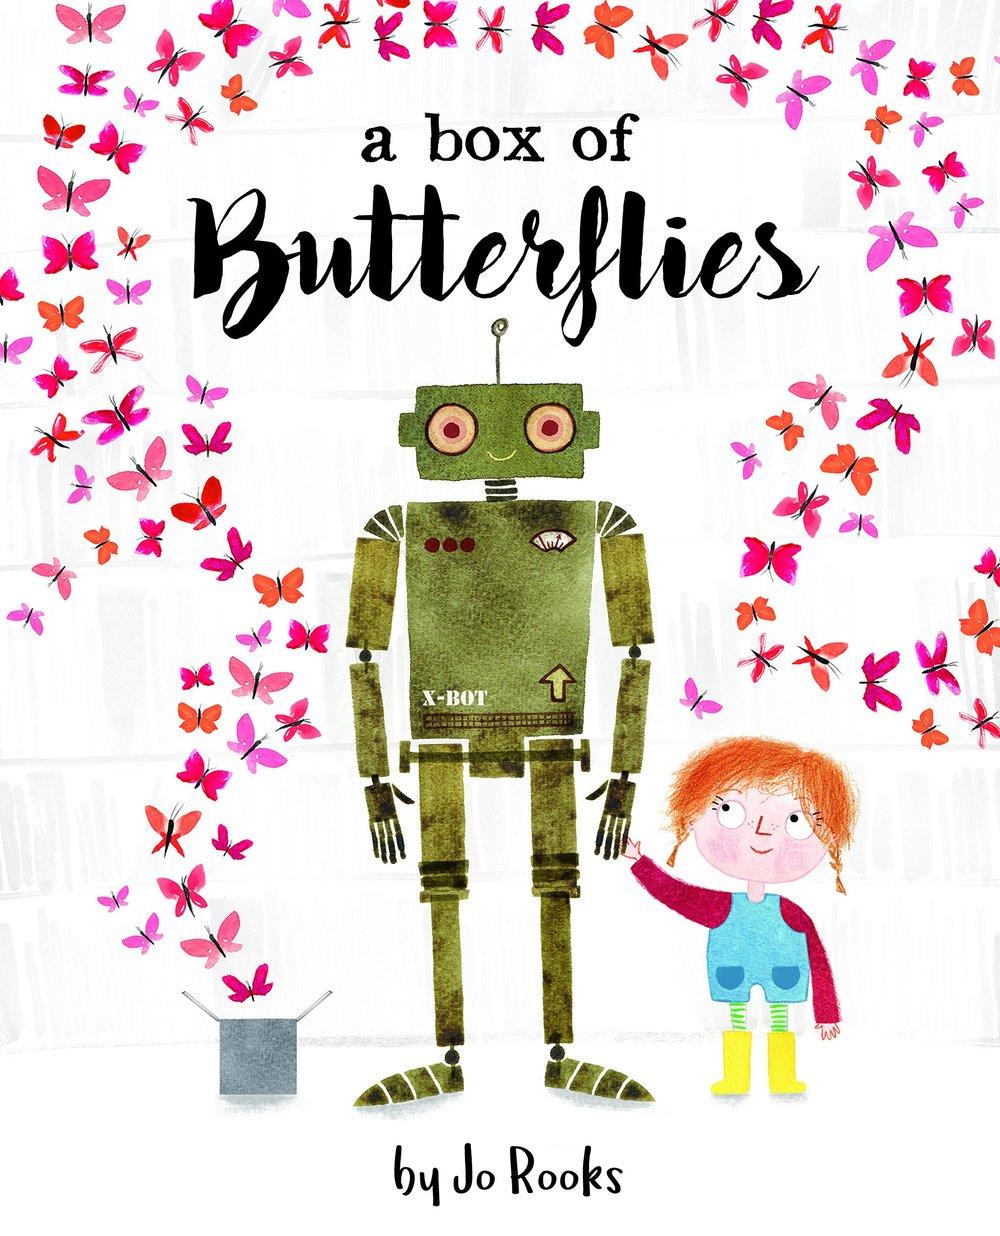 A Box of Butterflies by Jo Rooks